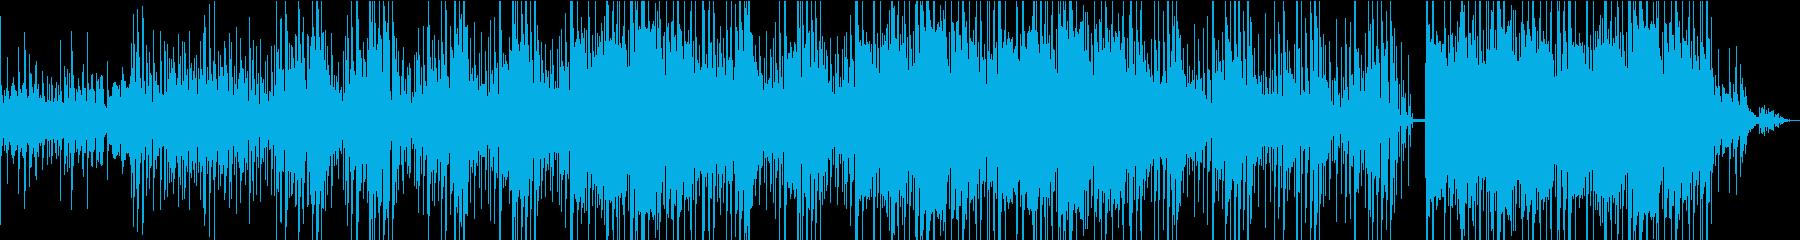 ウクレレ スチールドラム 明るくゆったりの再生済みの波形